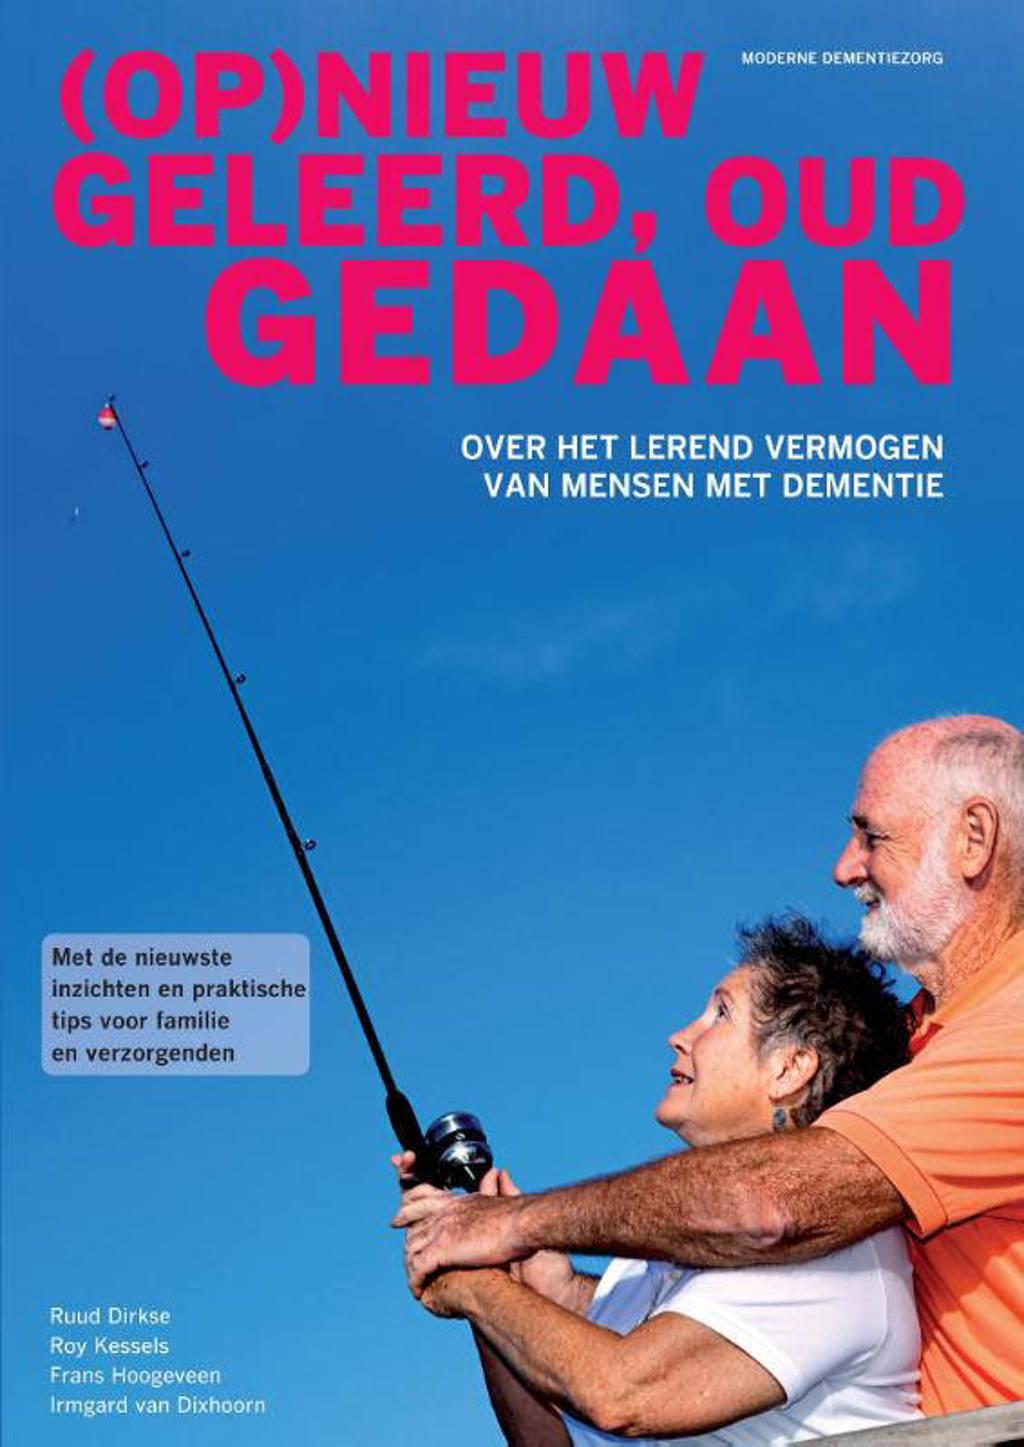 (Op)nieuw geleerd, oud gedaan - Ruud Dirkse, Roy Kessels, Frans Hoogeveen, e.a.